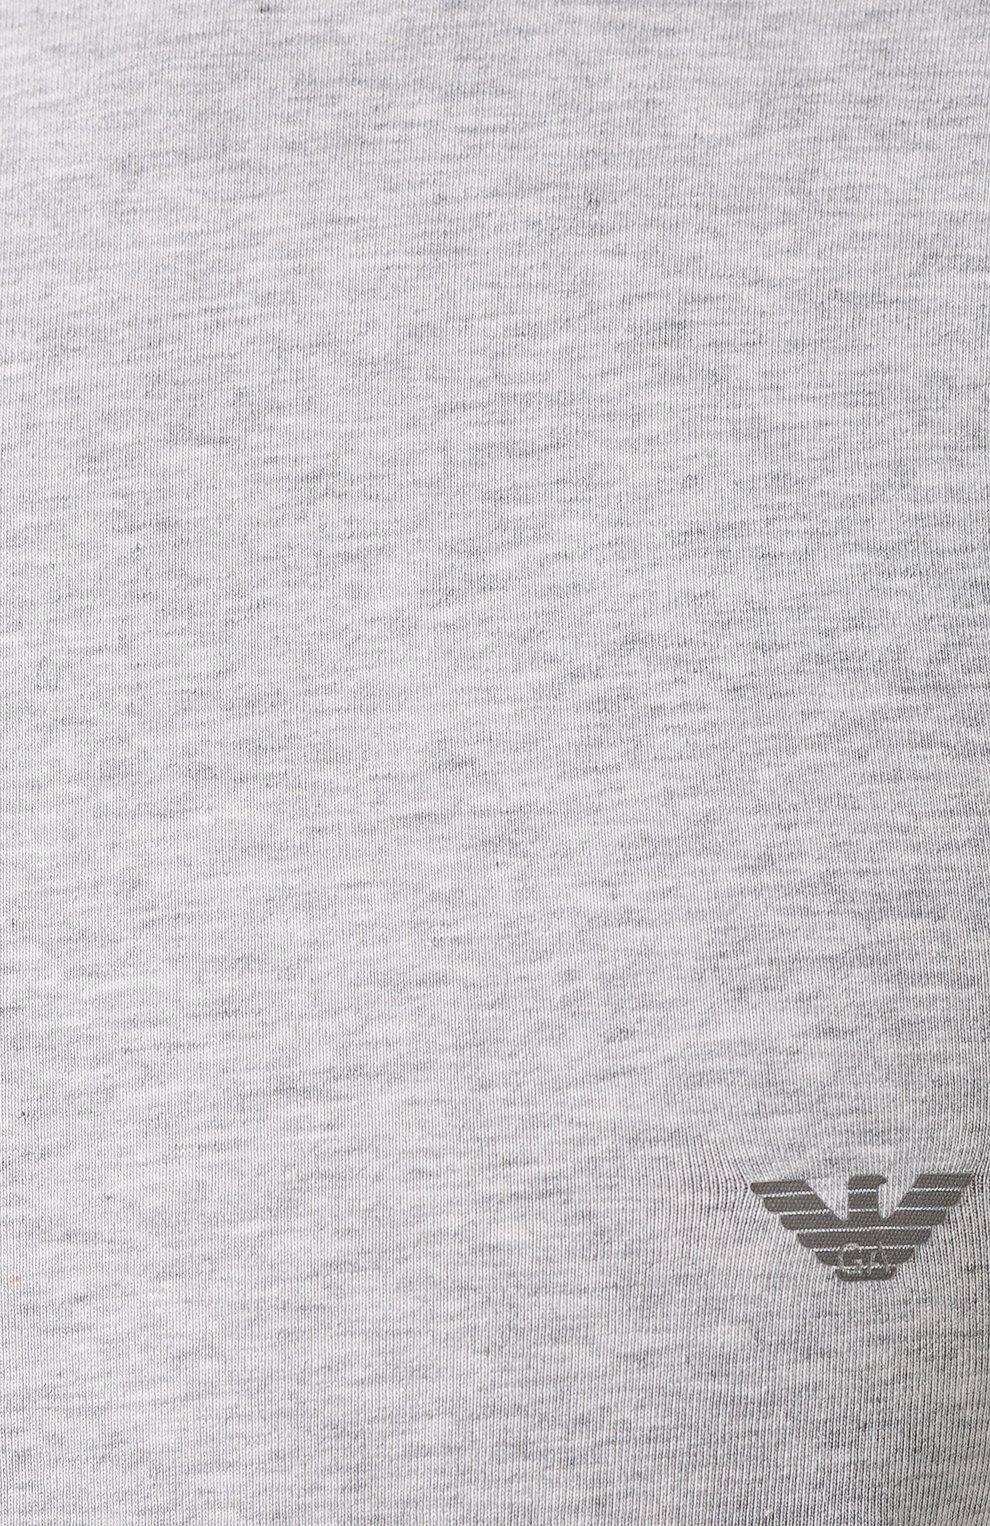 Мужская хлопковая футболка EMPORIO ARMANI серого цвета, арт. 111035/CC729 | Фото 5 (Кросс-КТ: домашняя одежда; Рукава: Короткие; Длина (для топов): Стандартные; Материал внешний: Хлопок; Мужское Кросс-КТ: Футболка-белье; Статус проверки: Проверена категория)